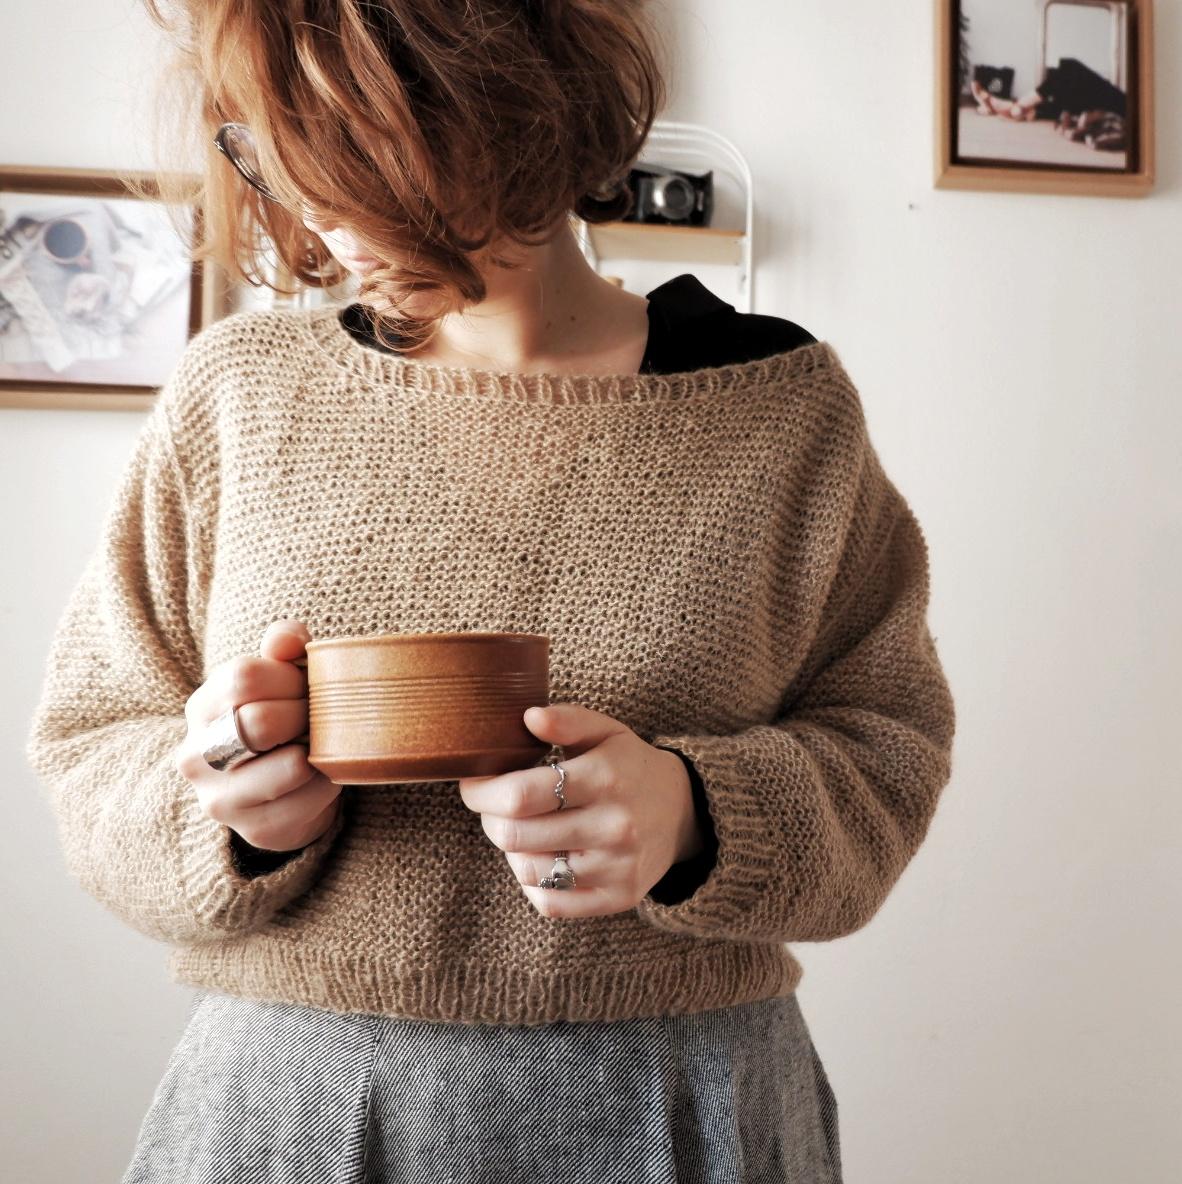 I've made and wore for the first time a cropped sweater.  Ho fatto e indossato, per la prima volta, un maglione cropped.